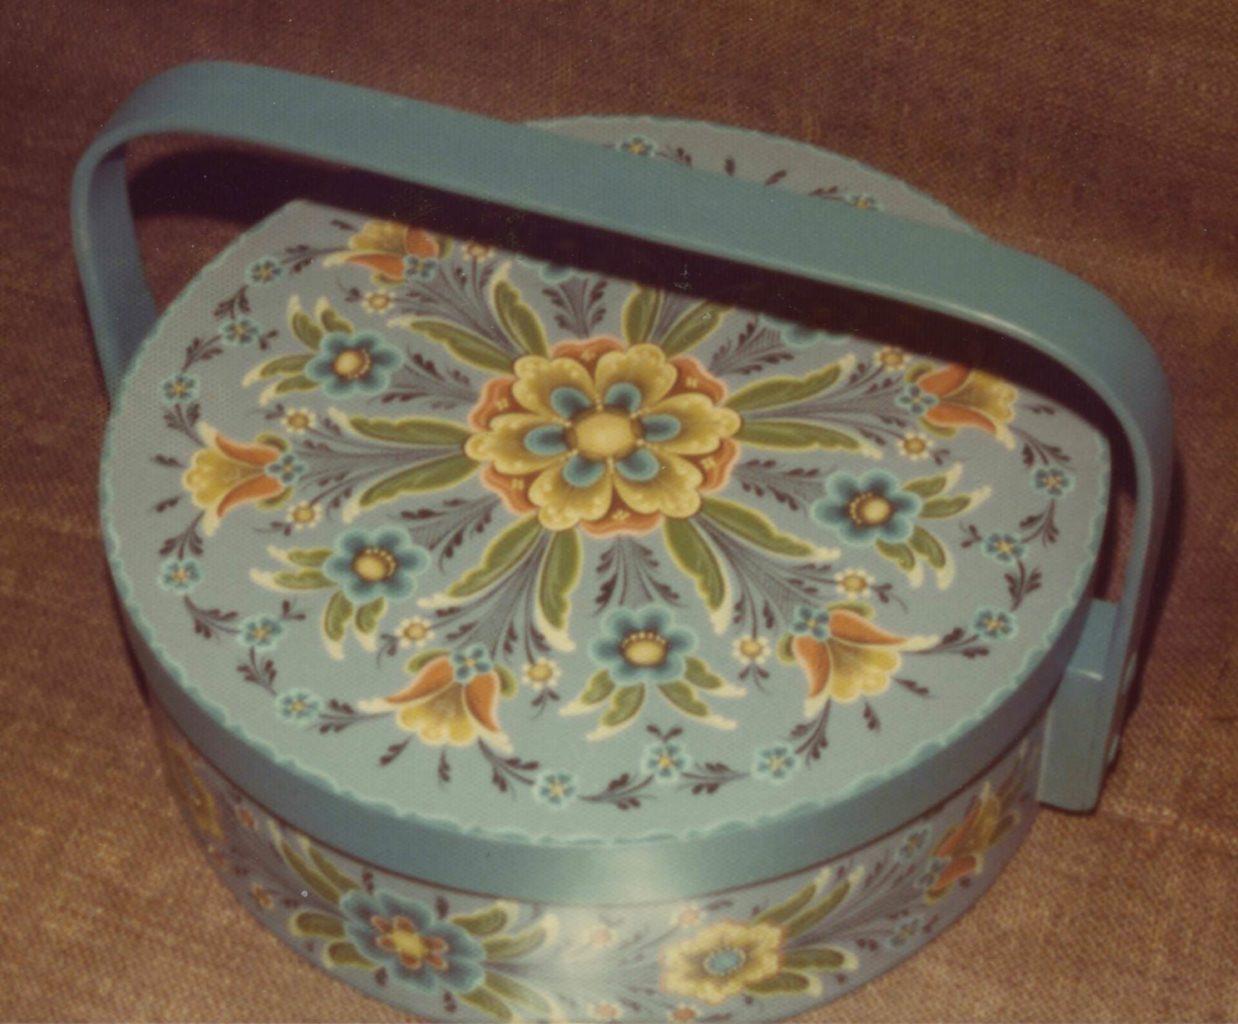 Flatbread box © 1976 Trudy Wasson Flatbread box © 1976 Trudy Wasson